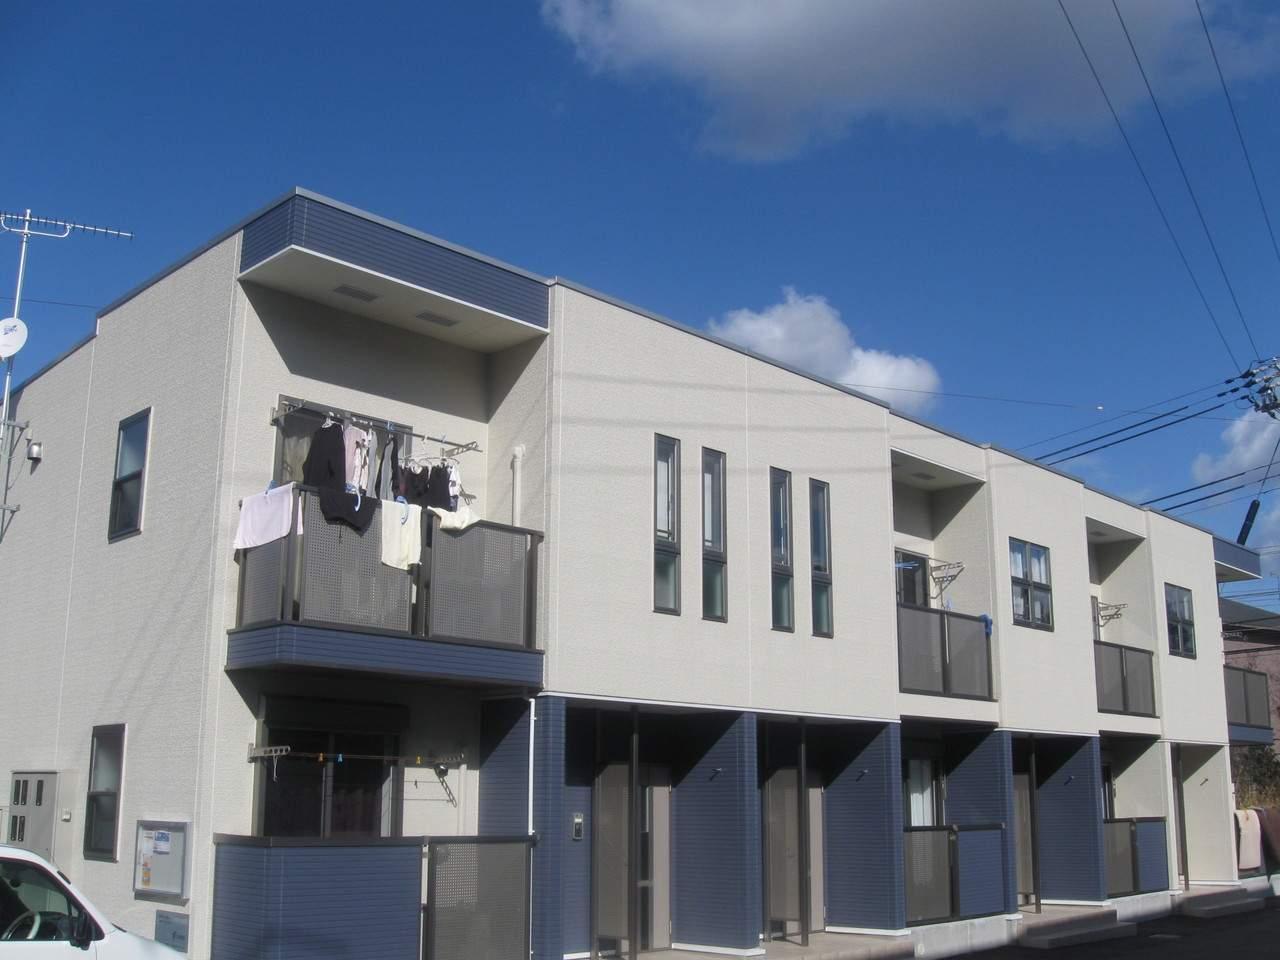 兵庫県三木市、志染駅徒歩2分の築8年 2階建の賃貸アパート